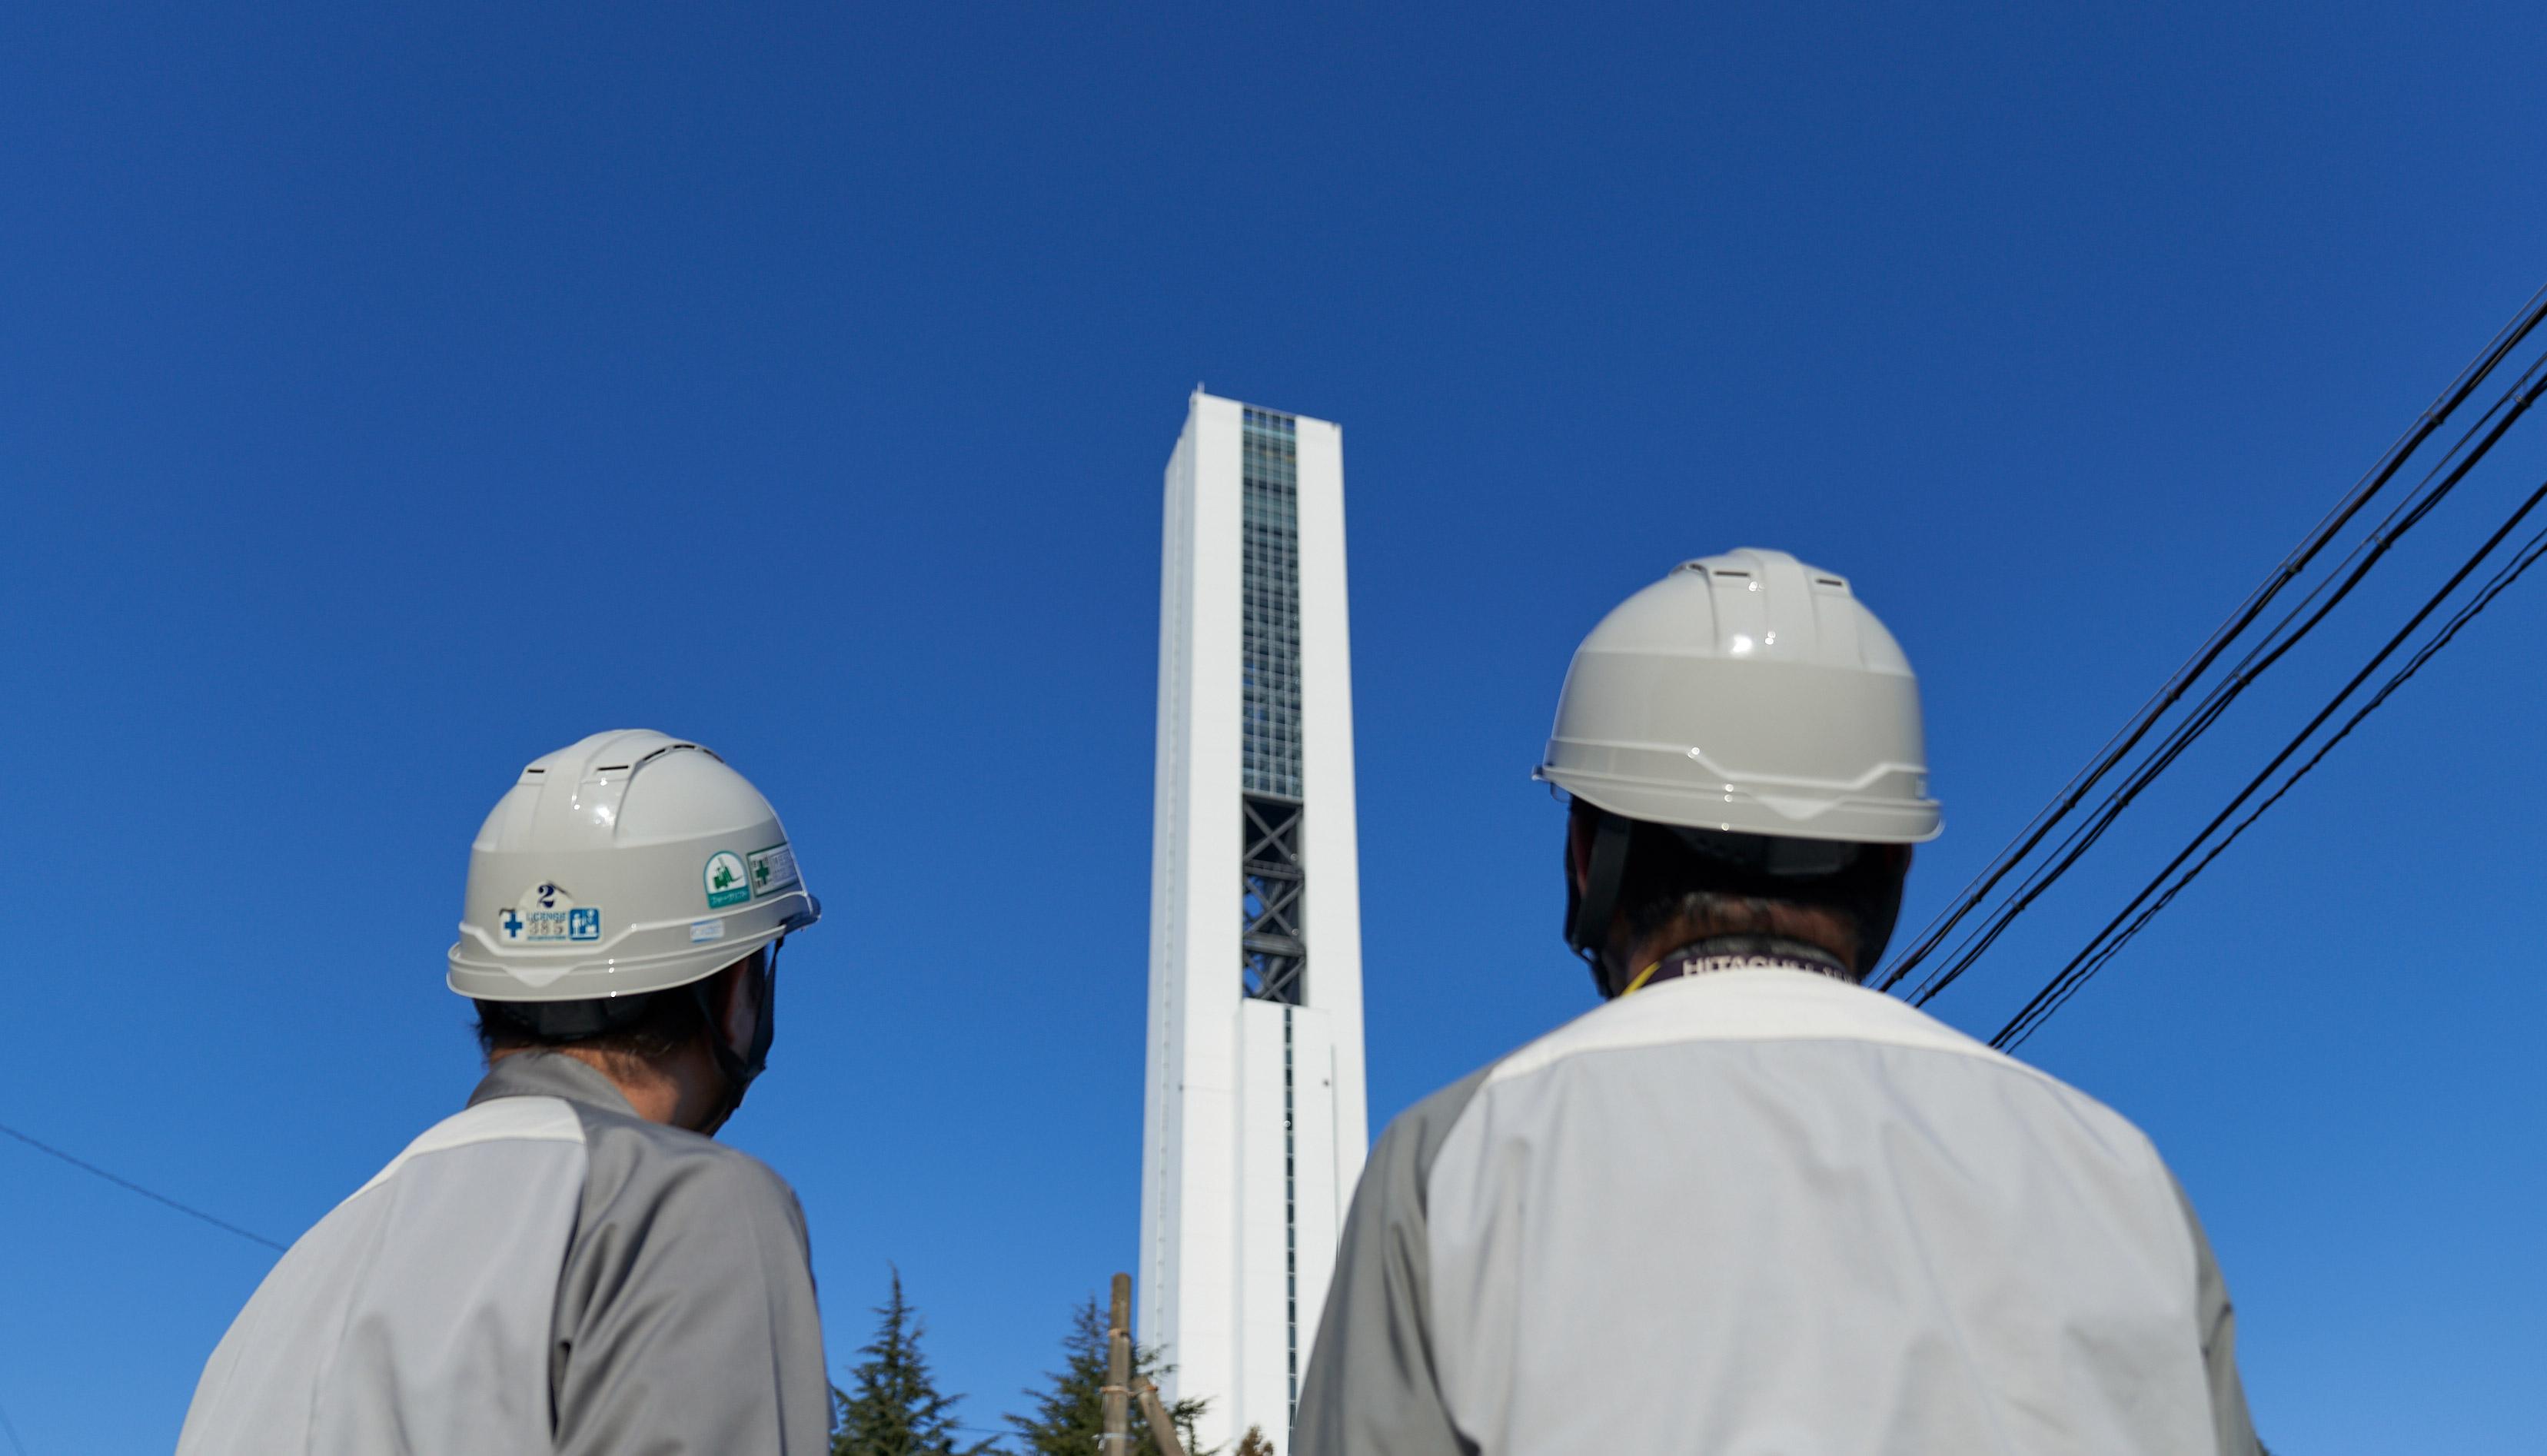 水戸エンジニアリングサービス株式会社